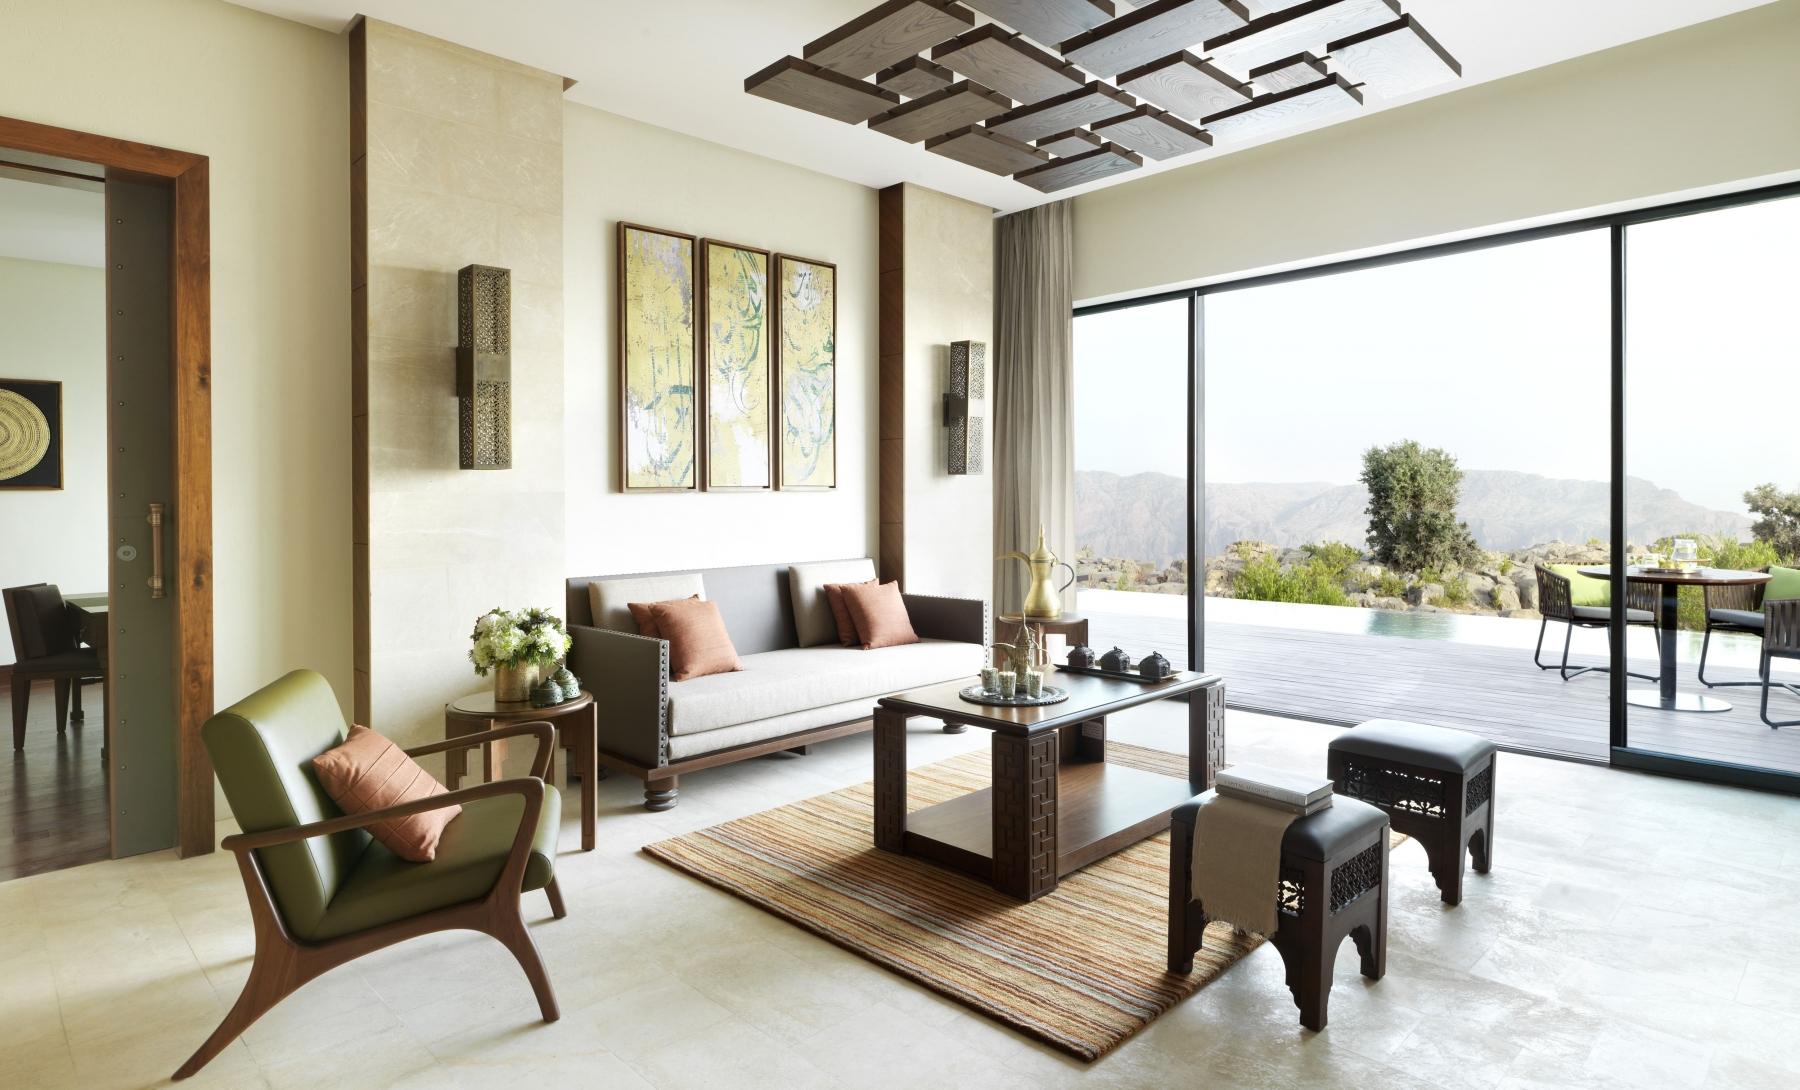 Anantara-Al-Jabal-Al-Akhdar-Resort-Cliff-Pool-Villa-Living-Room-min